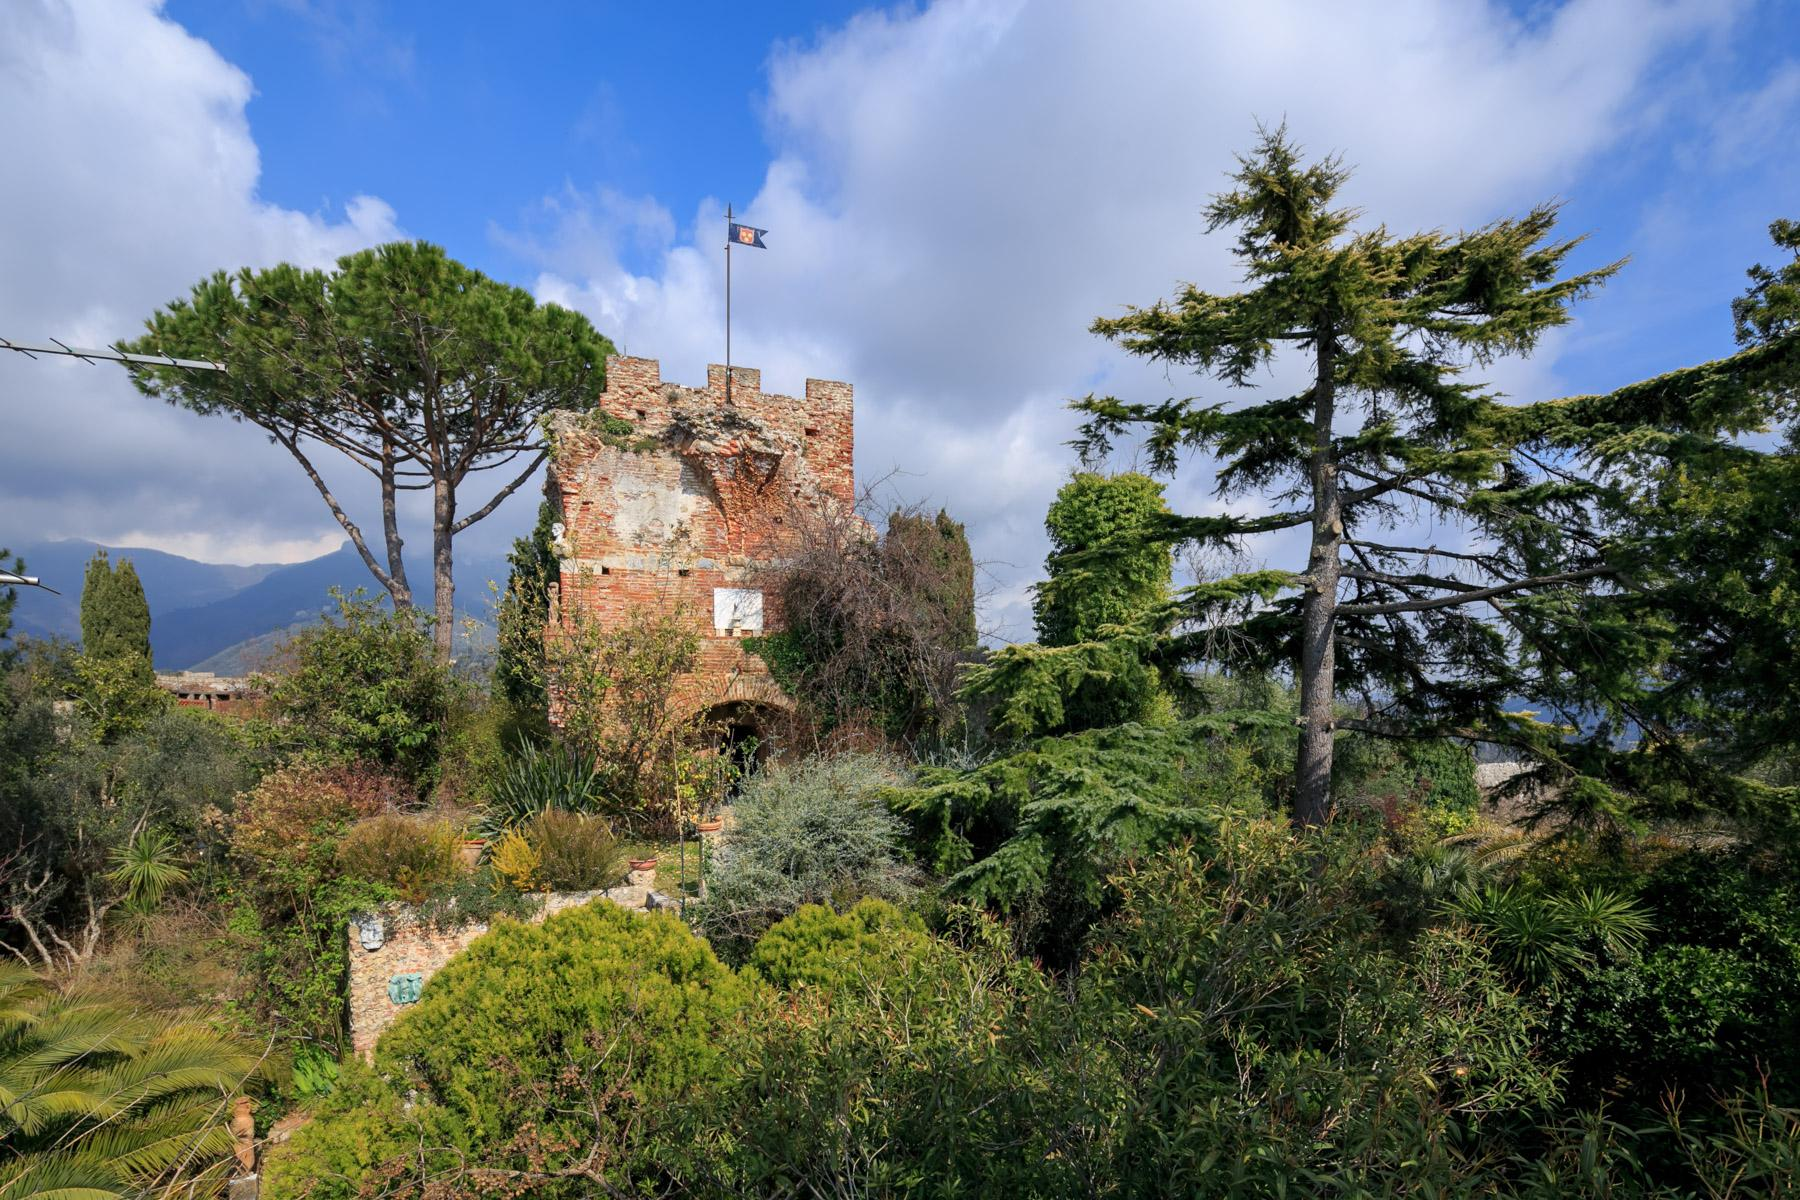 Magnifique château dans les collines de la Versilia - 26